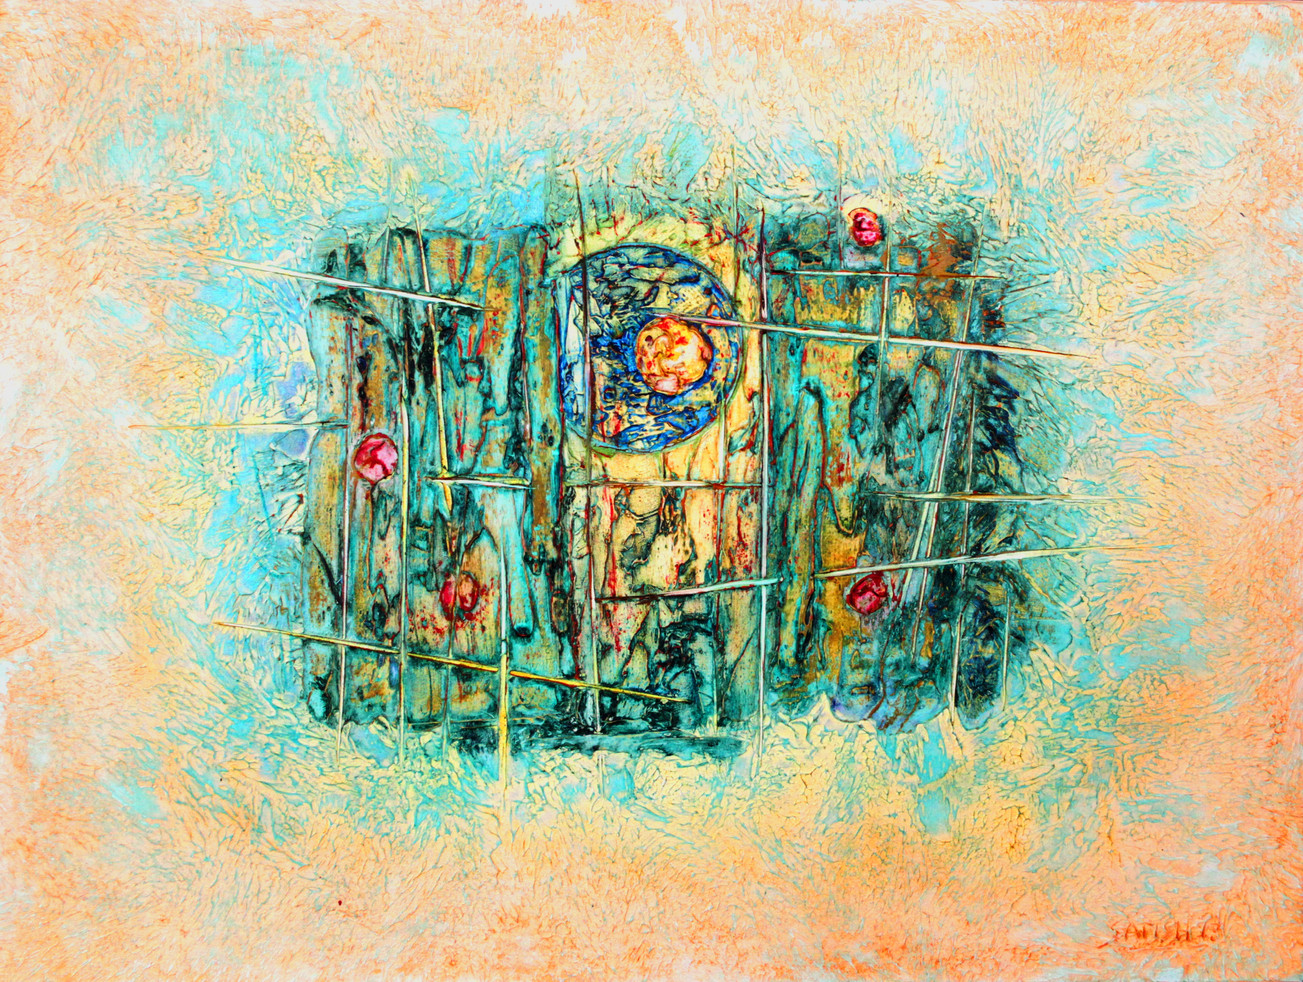 Urbanlights #32, Mixed Media on Canvas, 2013